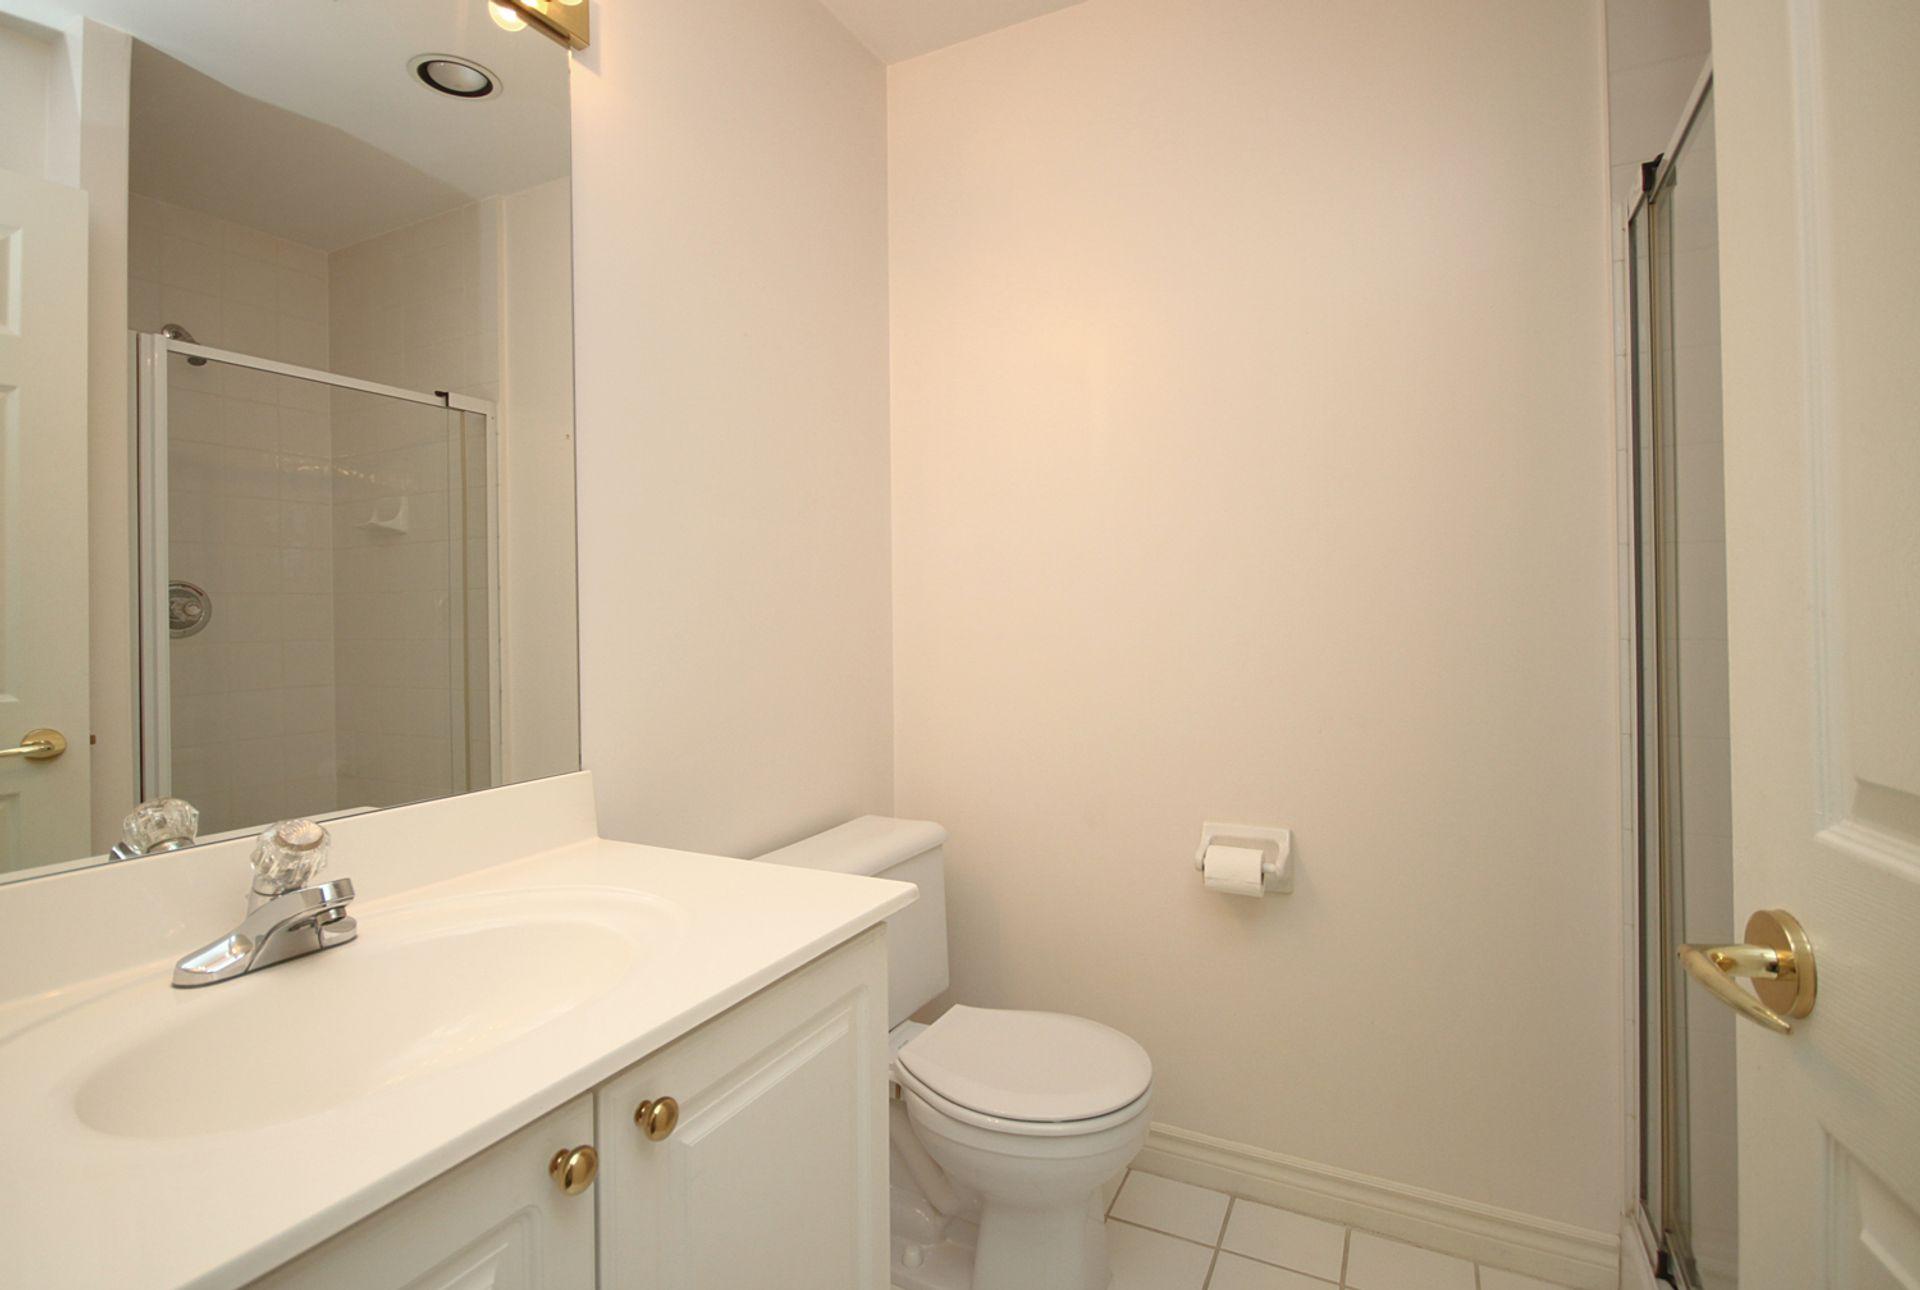 3 Piece Bathroom at 810 - 18 Concorde Place, Banbury-Don Mills, Toronto